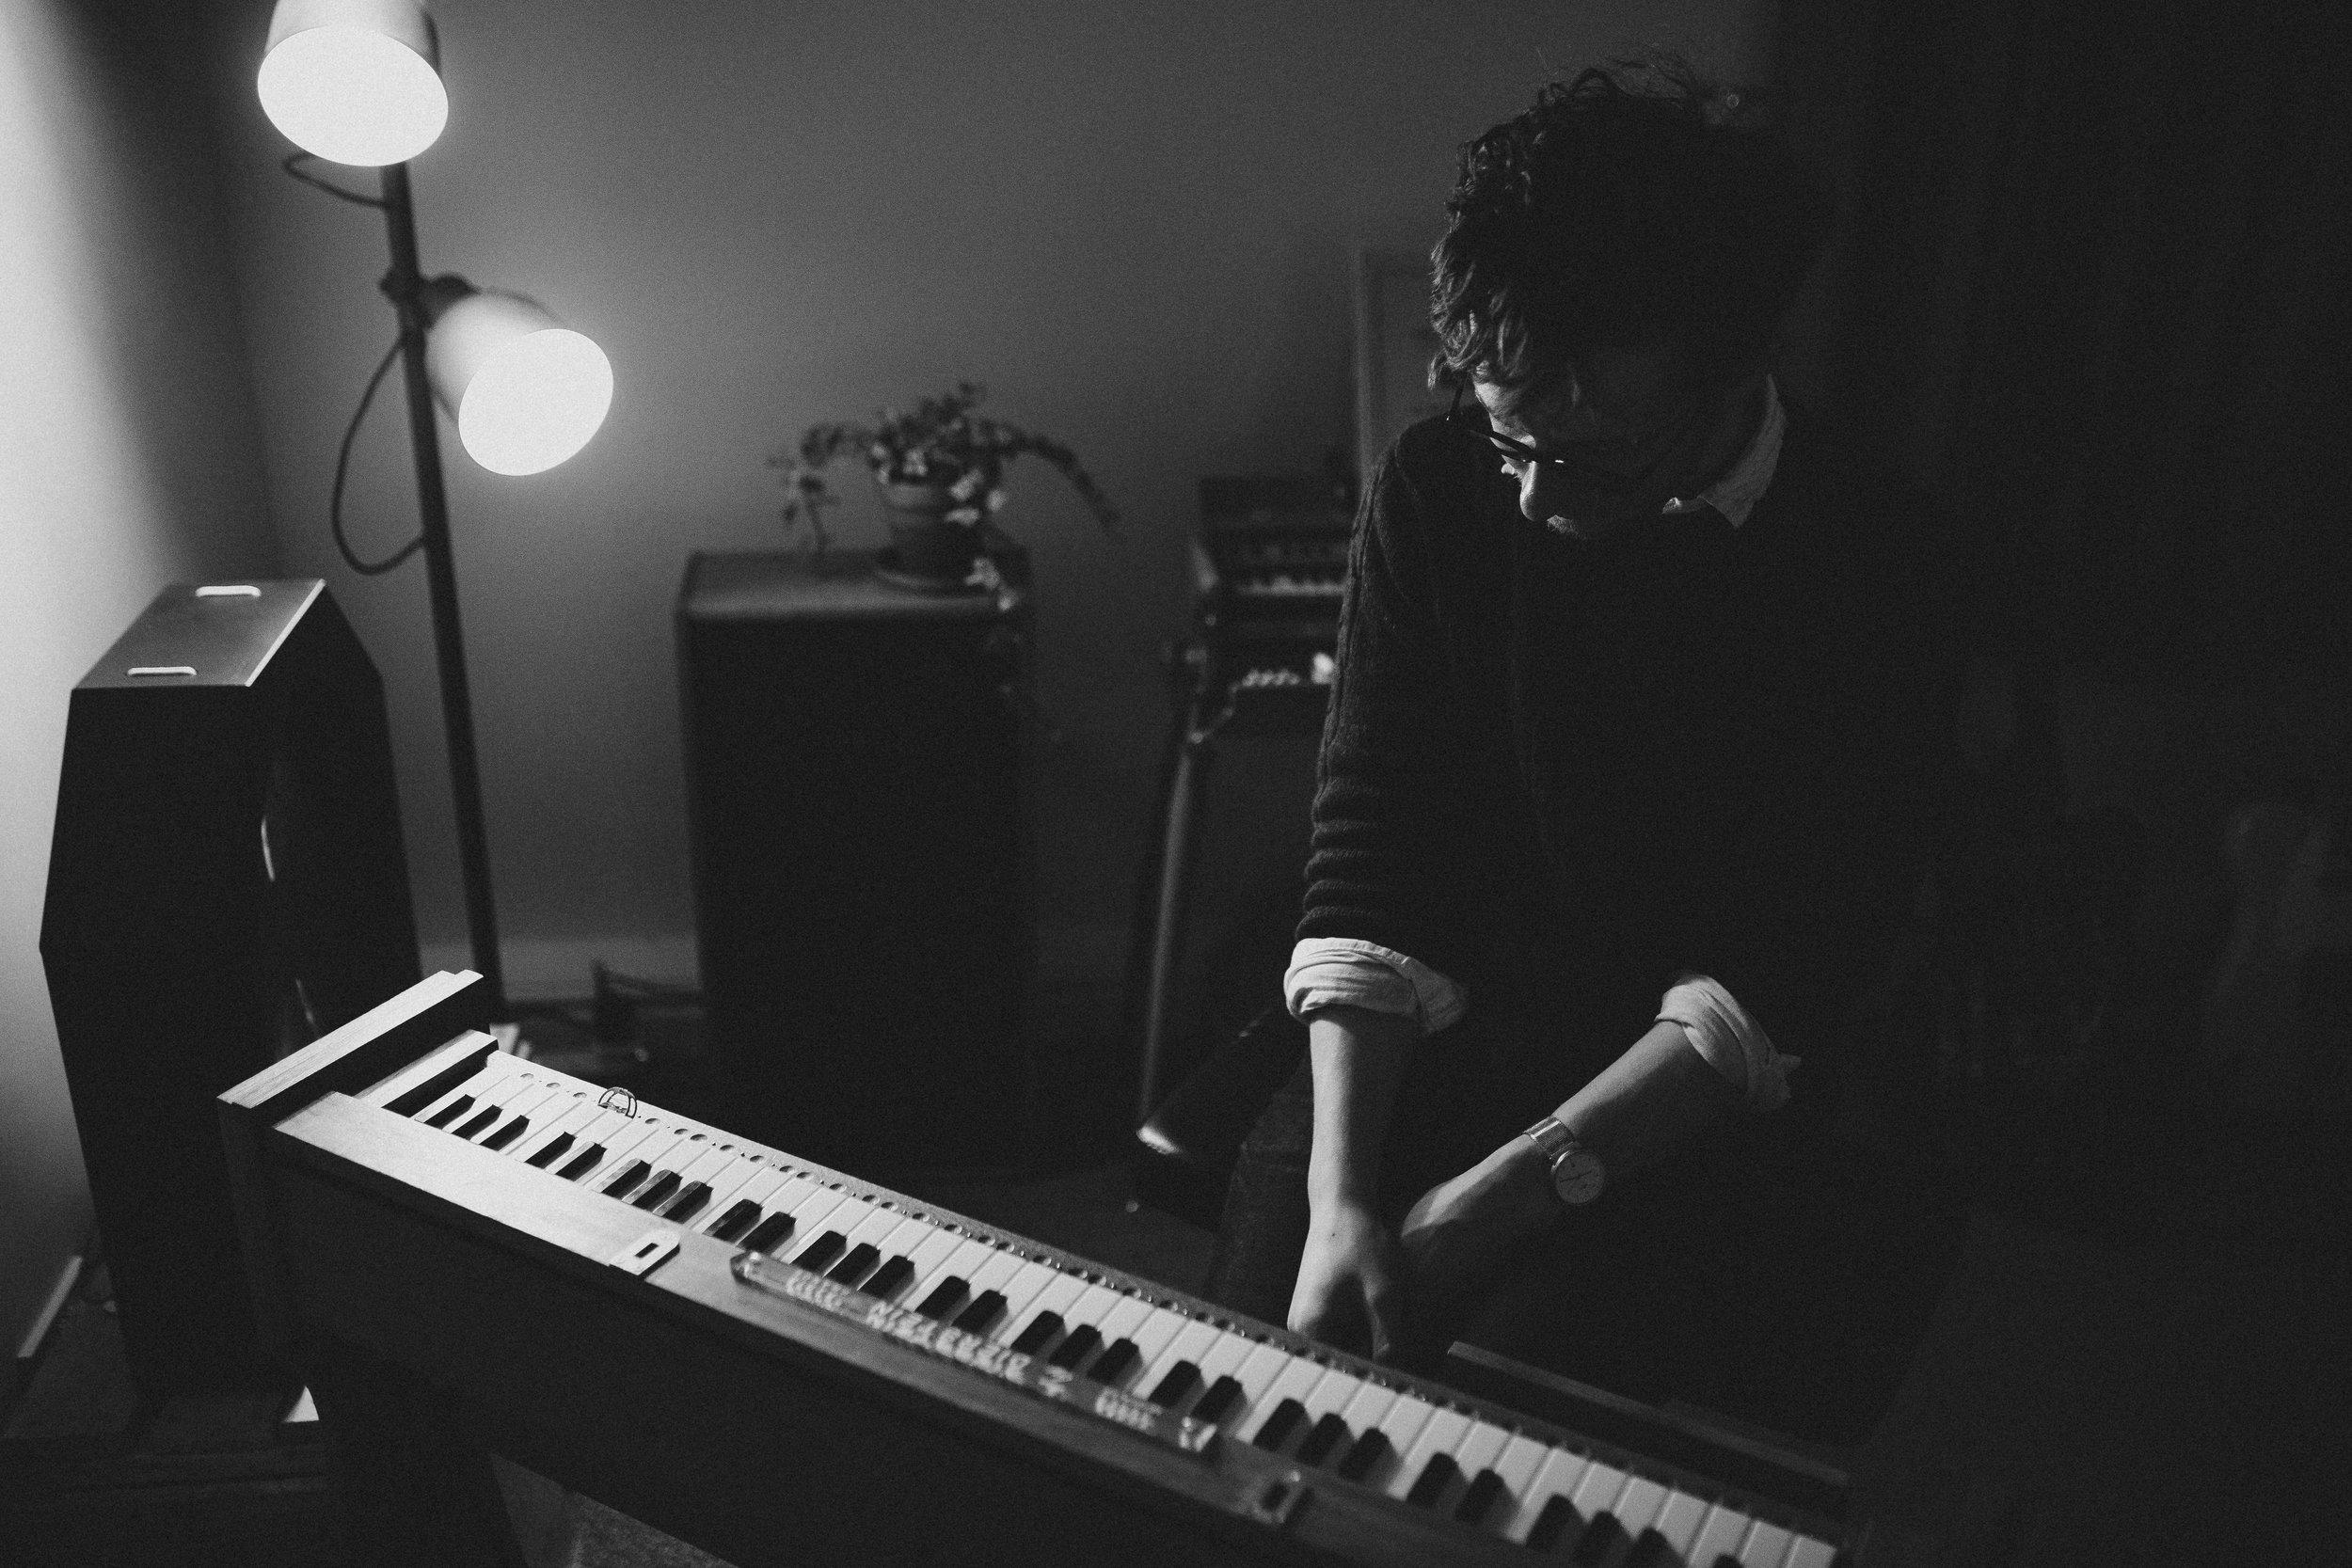 Josh Semans with his Dierstein ondes musicales (2019)